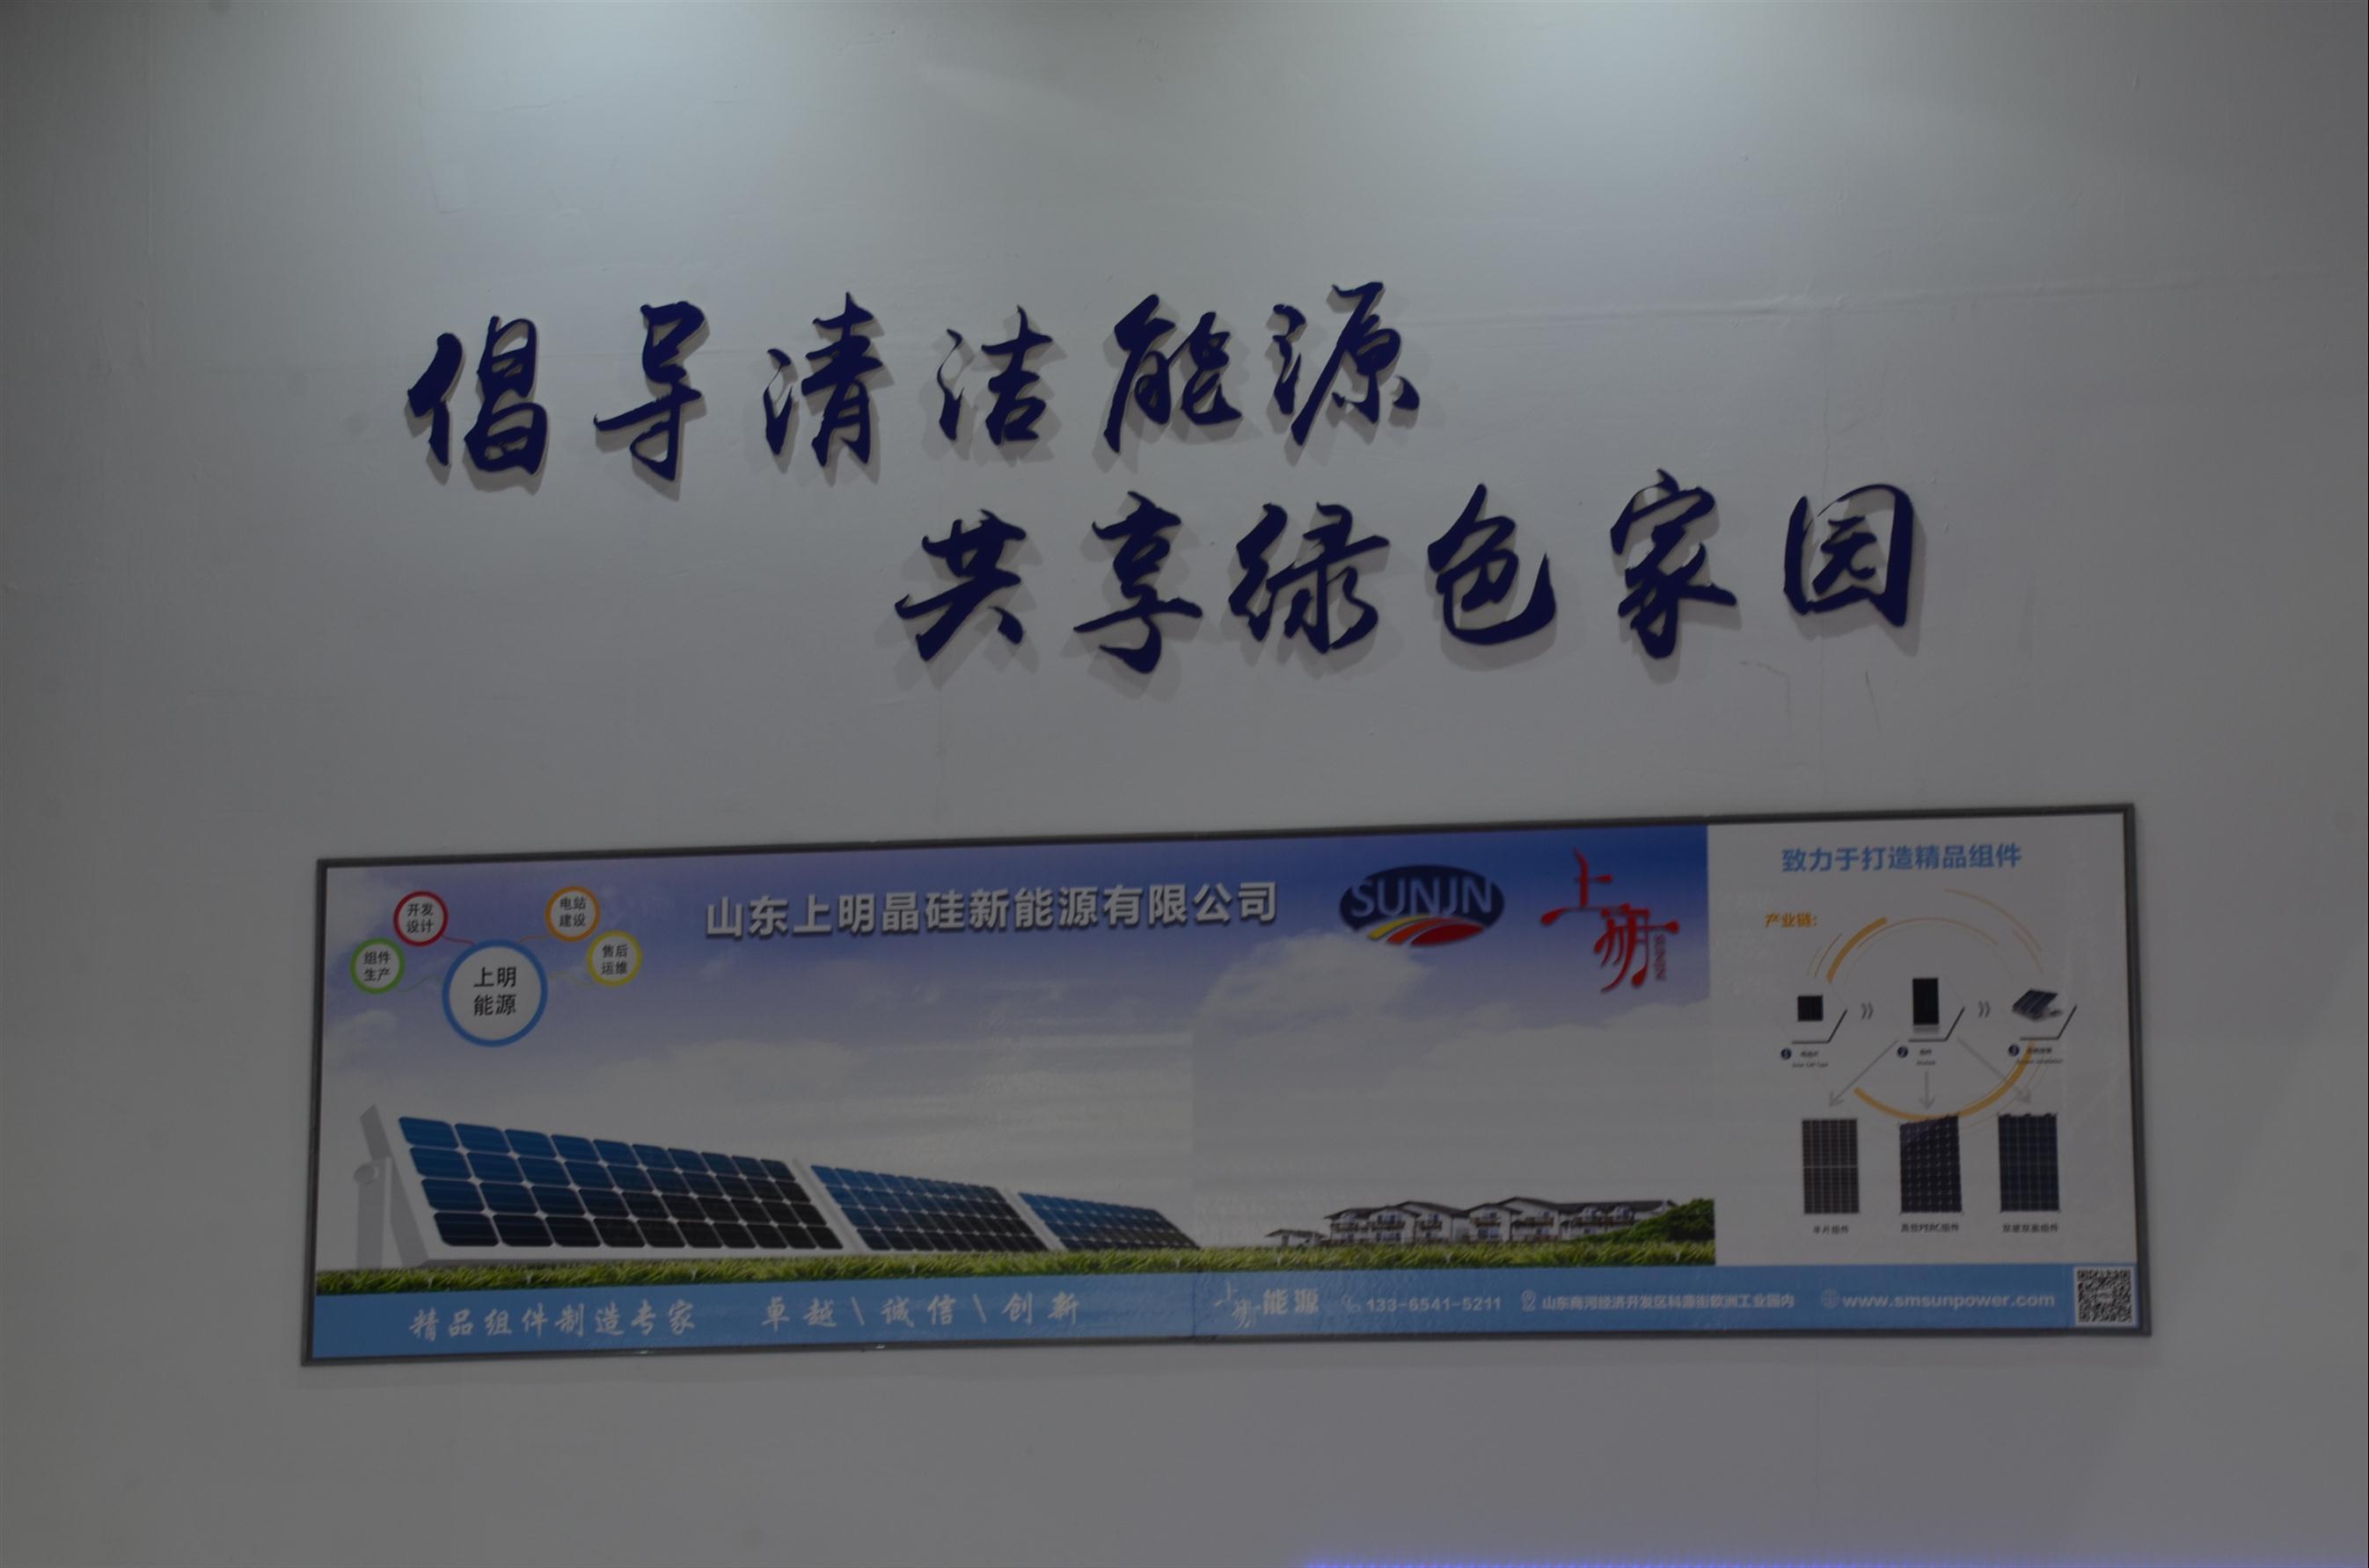 太阳能电池功率测试仪